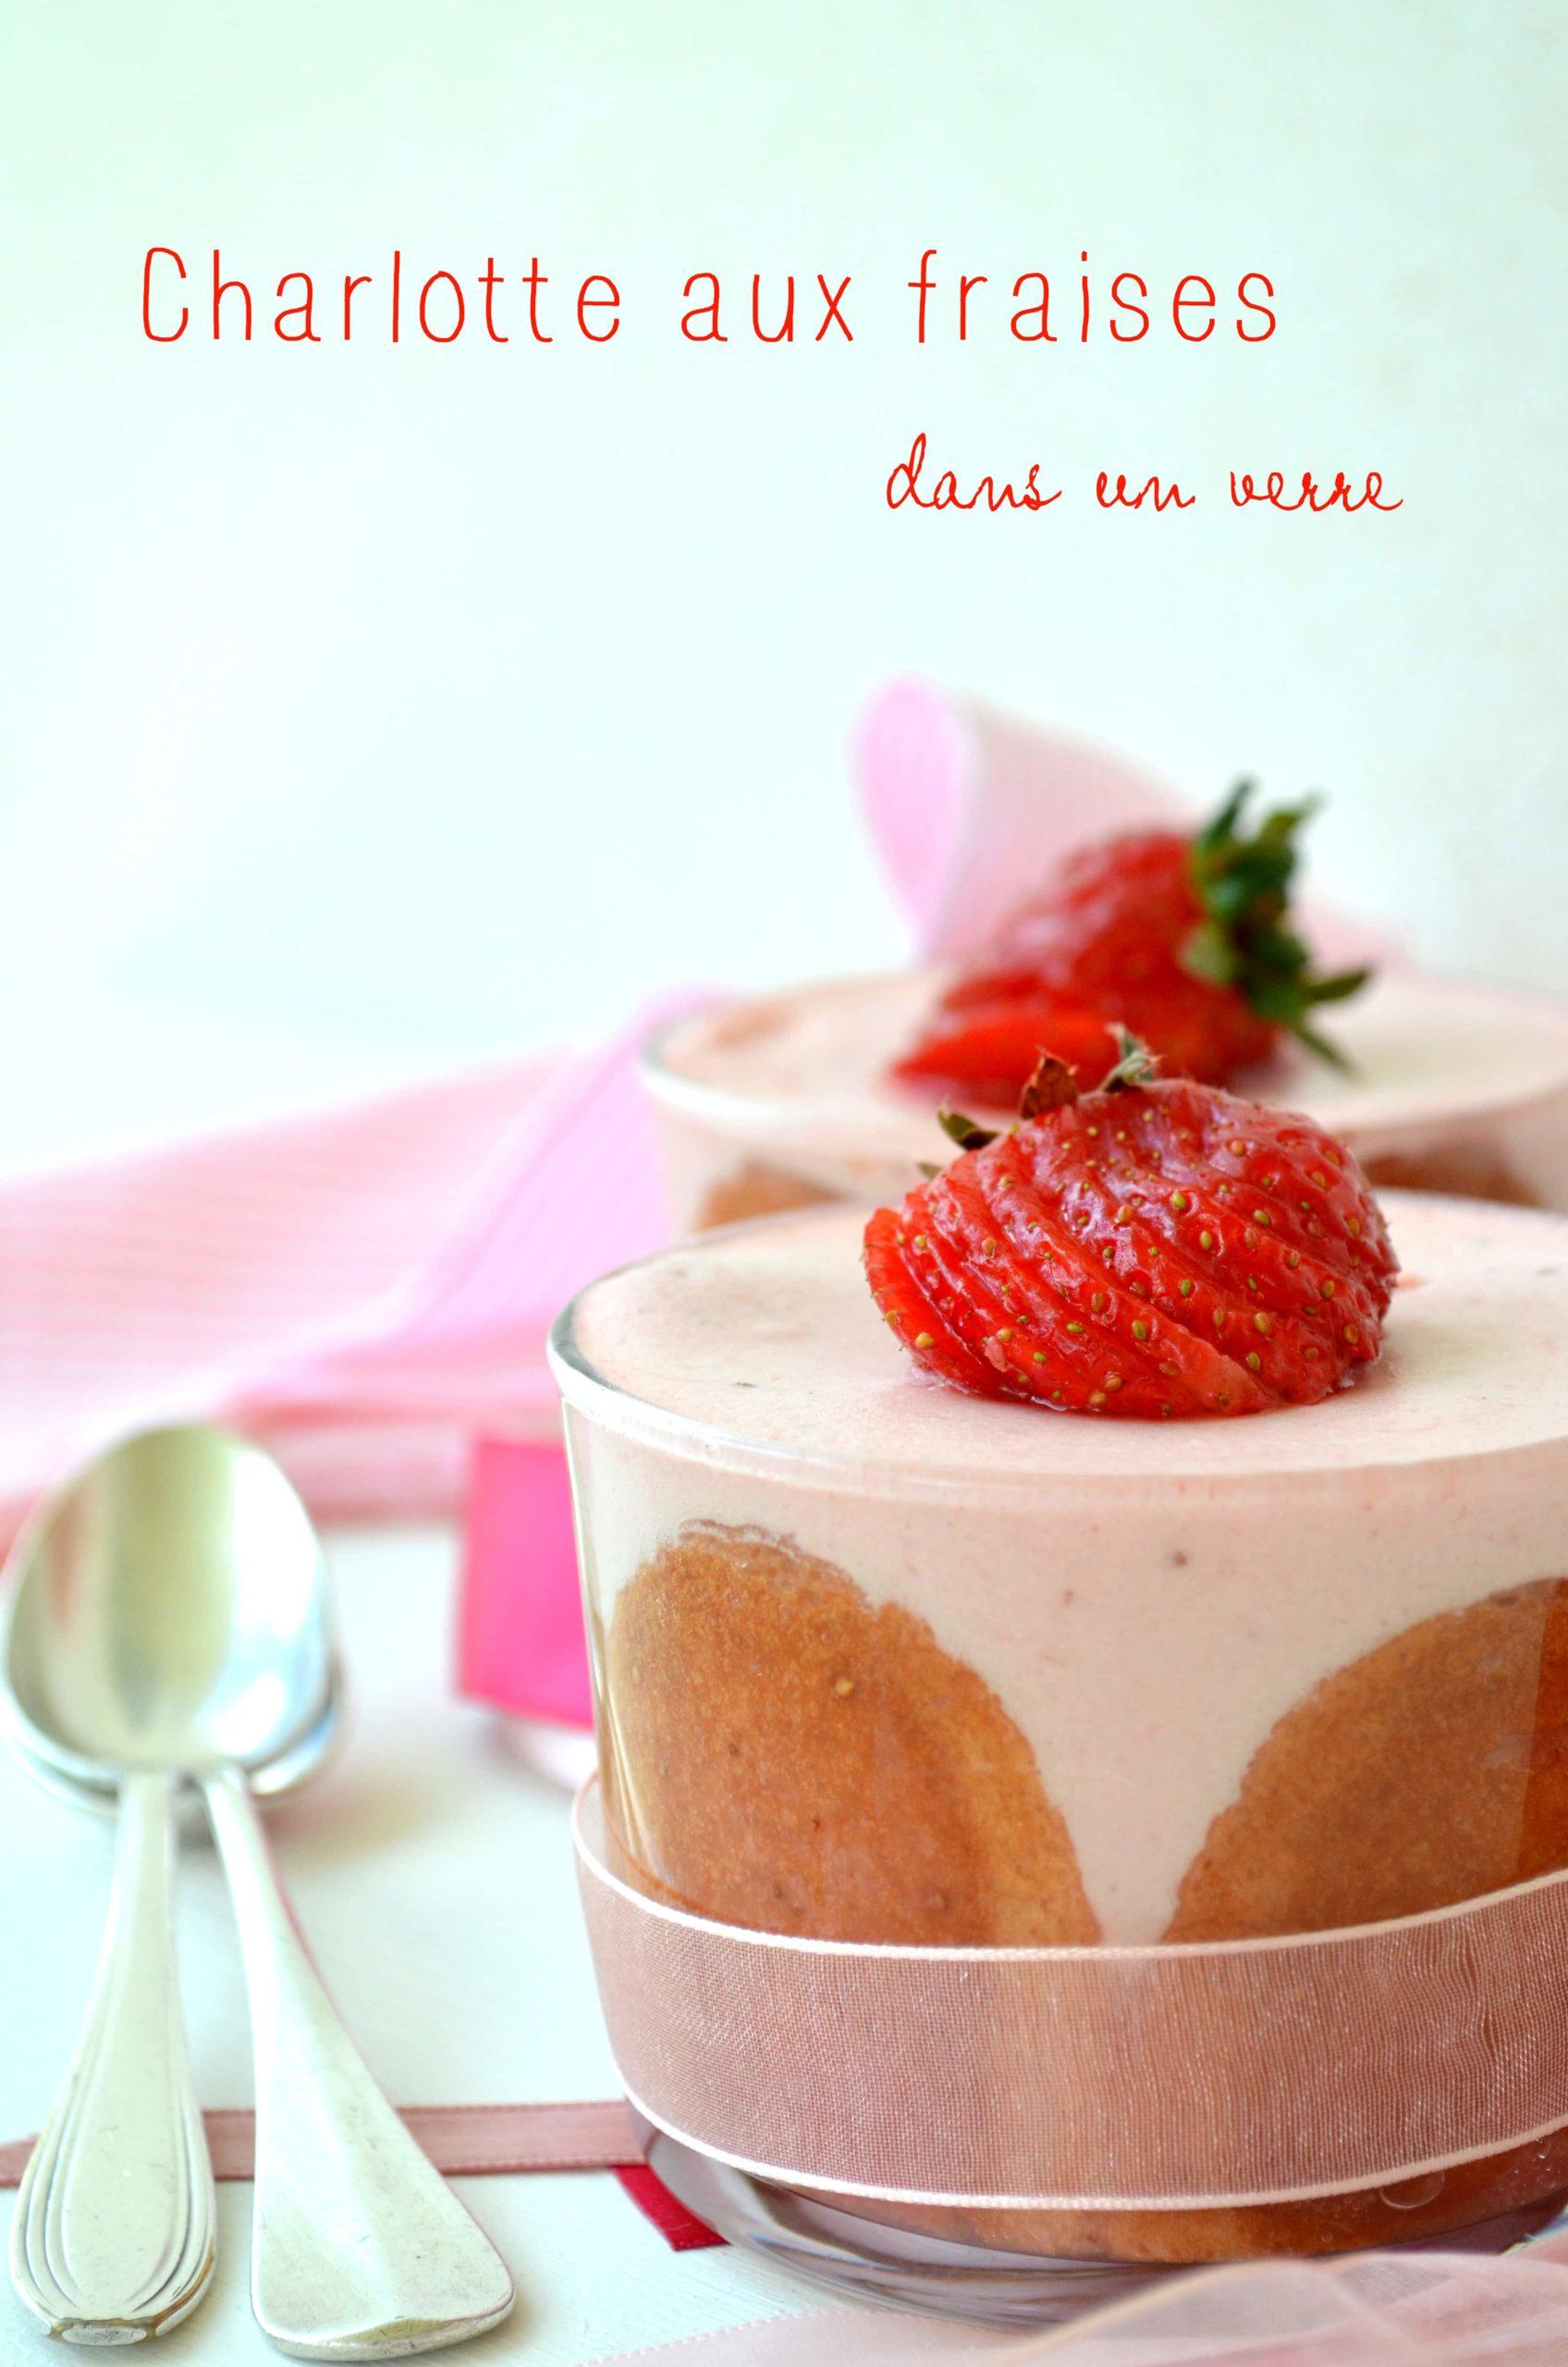 Charlotte aux fraises